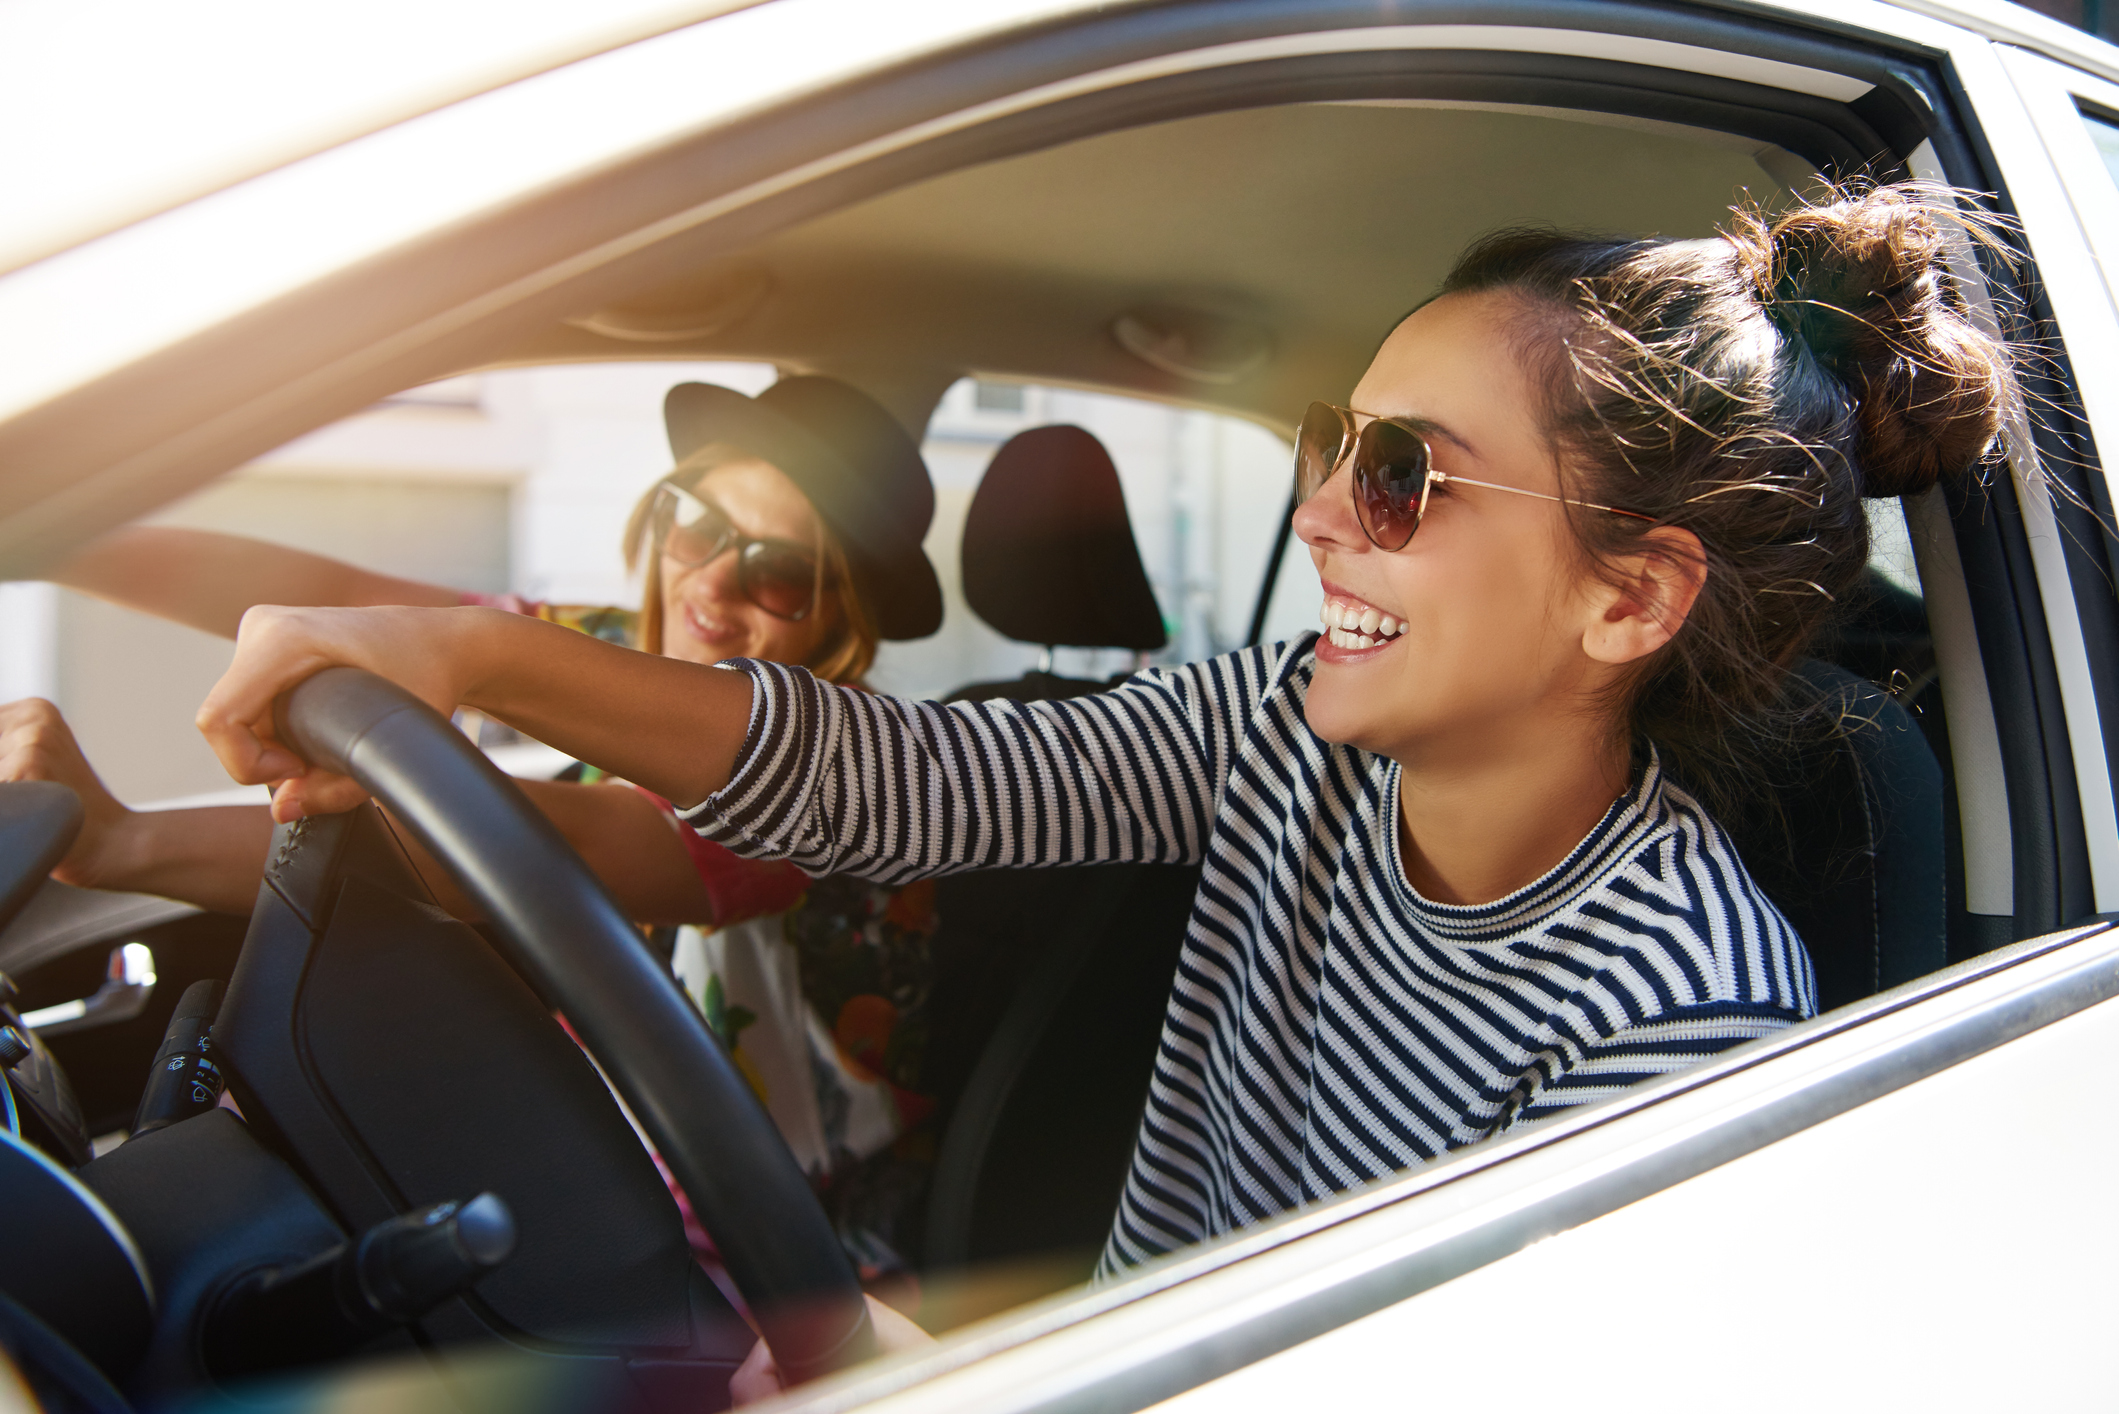 Bil, kørsel, transport, danskerne, glad, pige, veninder, kærlighed, hygge, sommer